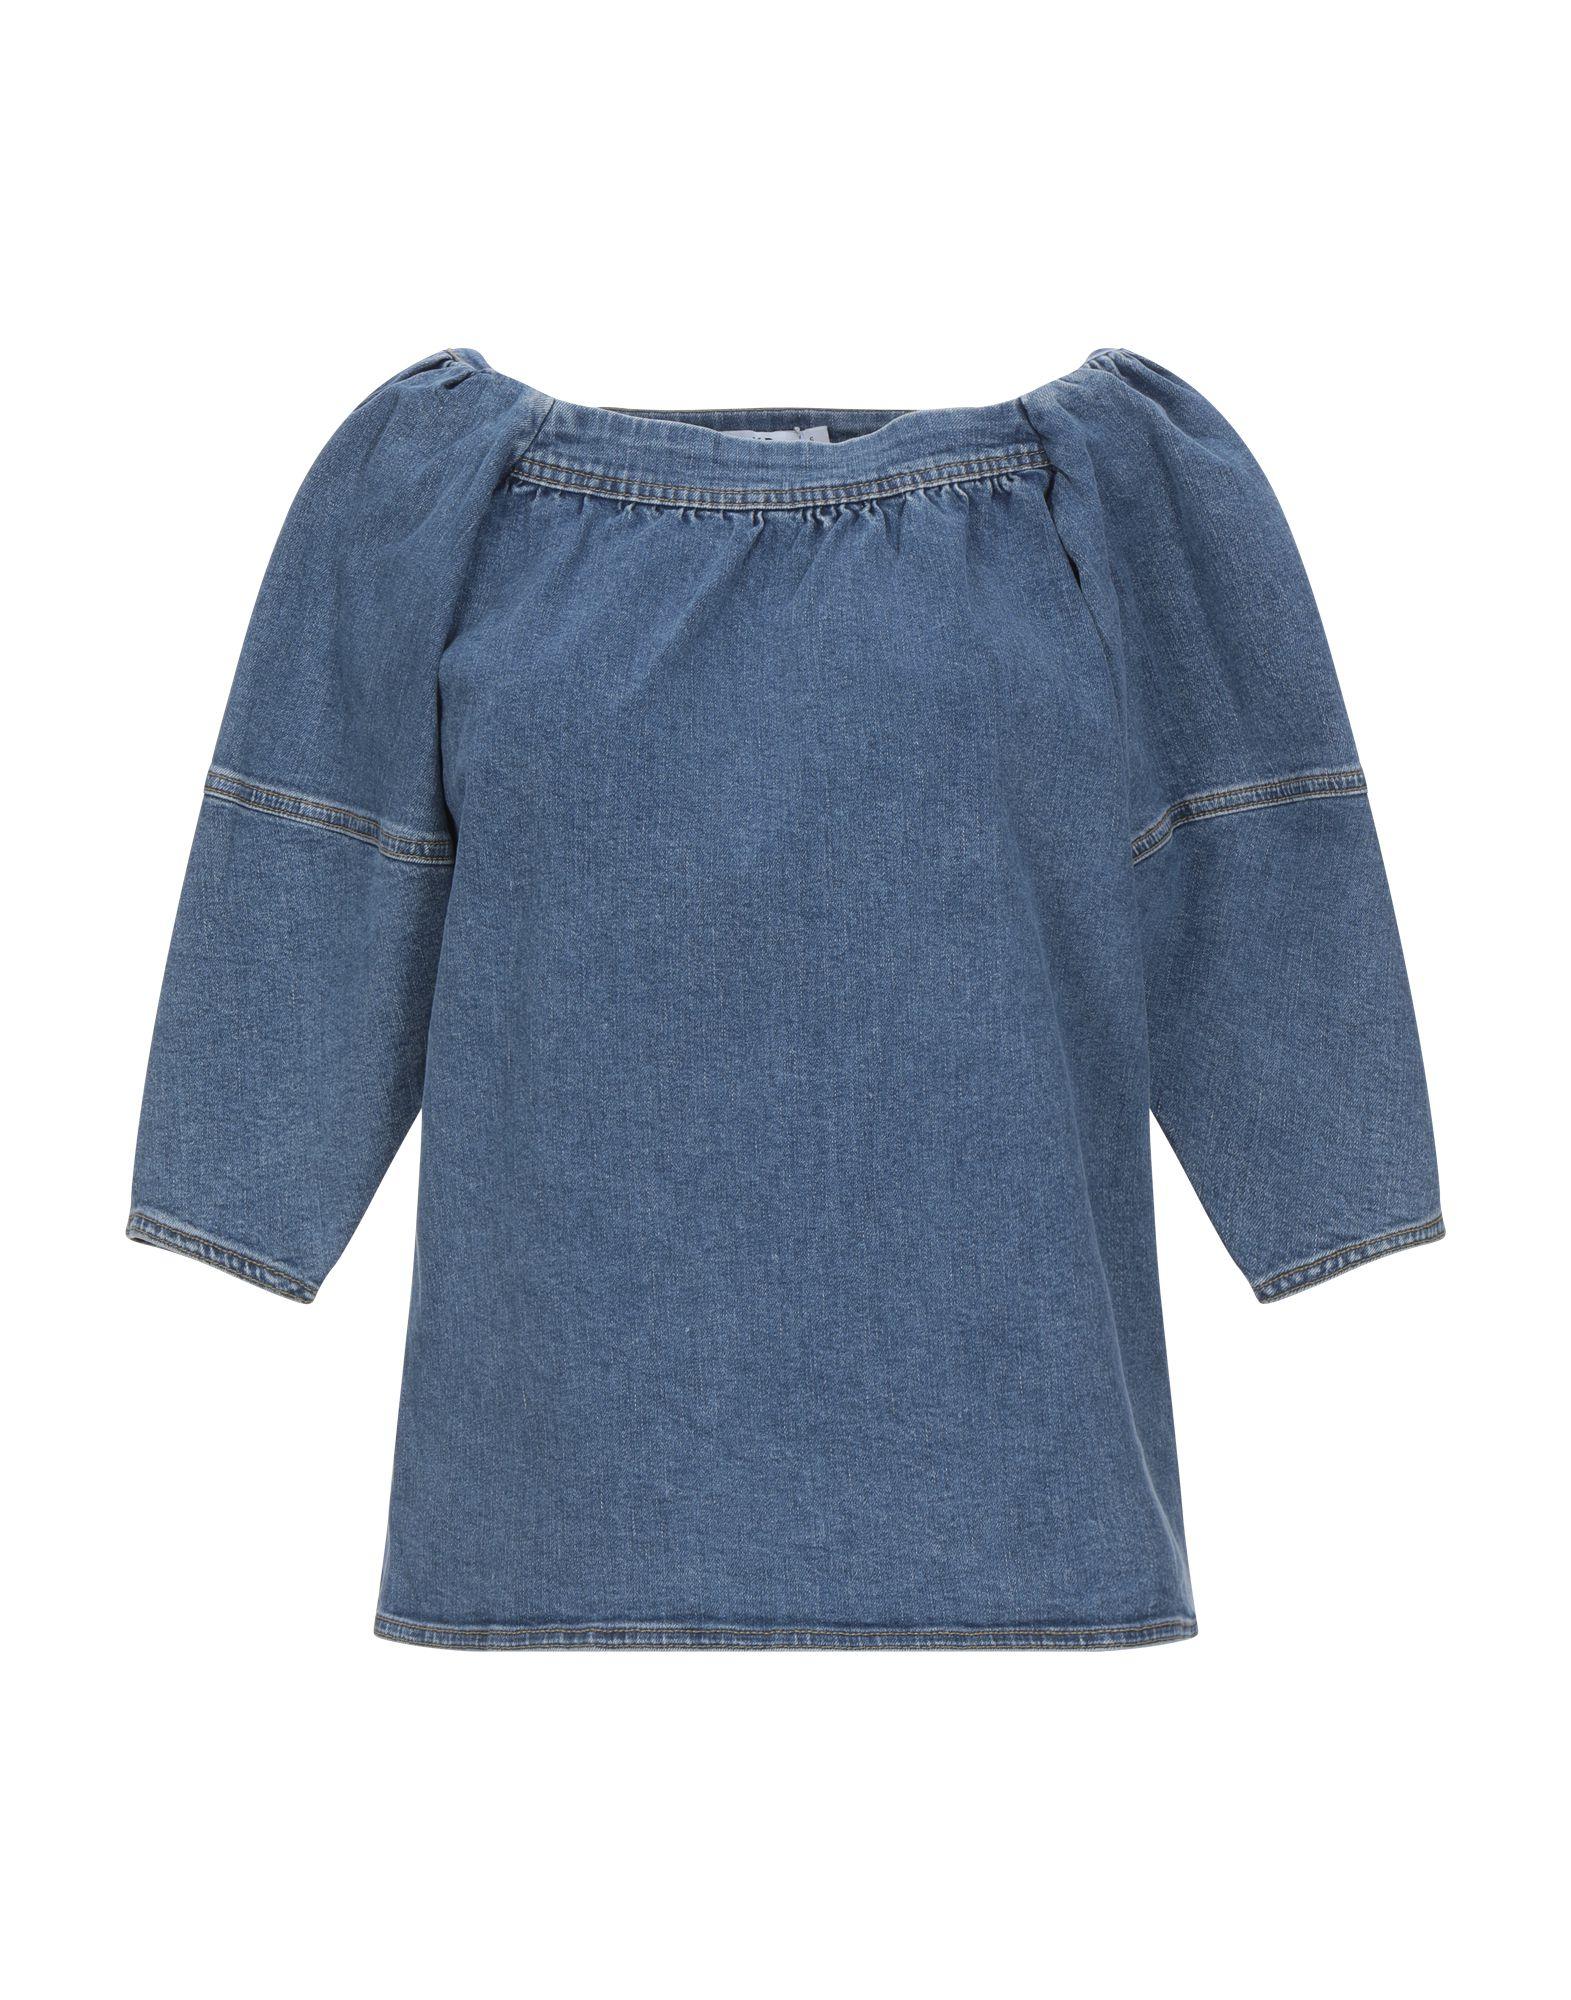 Фото - NA-KD Джинсовая рубашка рубашка greg greg mp002xm05sgb